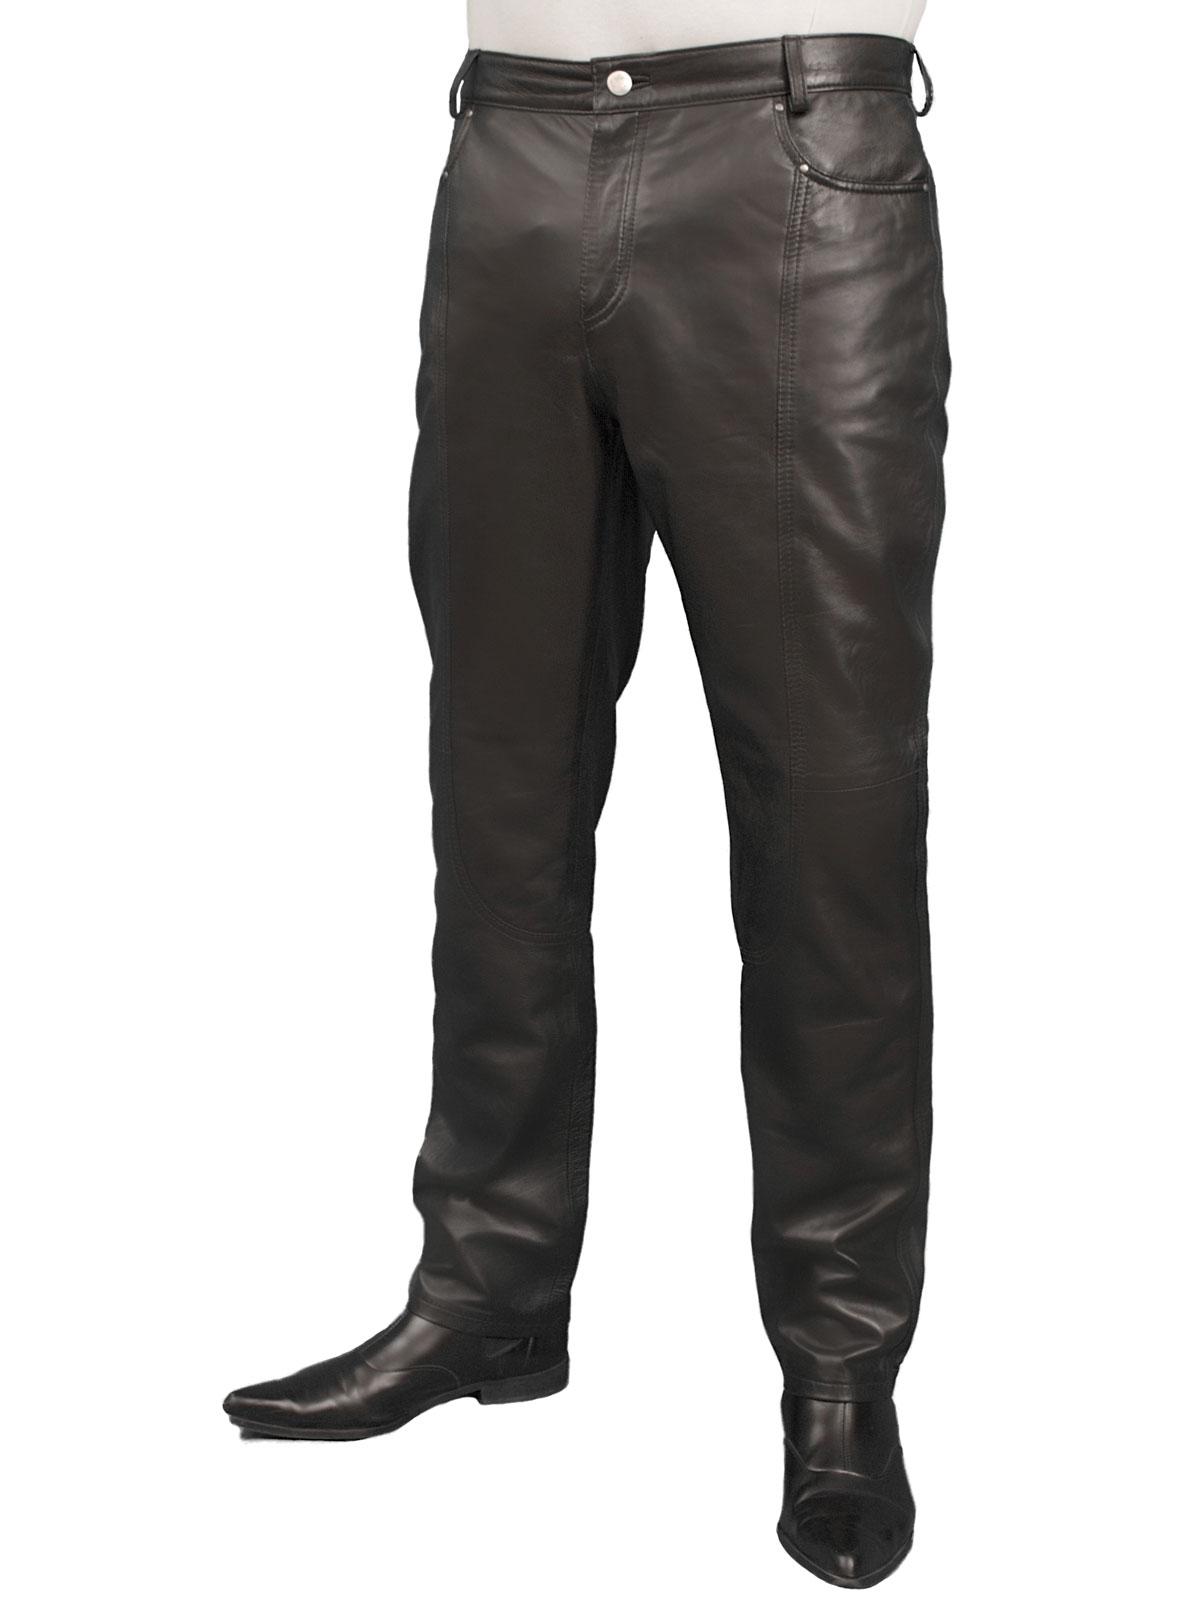 804c182e66c1df Mens Luxury Lambskin Leather Trousers Jeans (12 colours) - Tout Ensemble